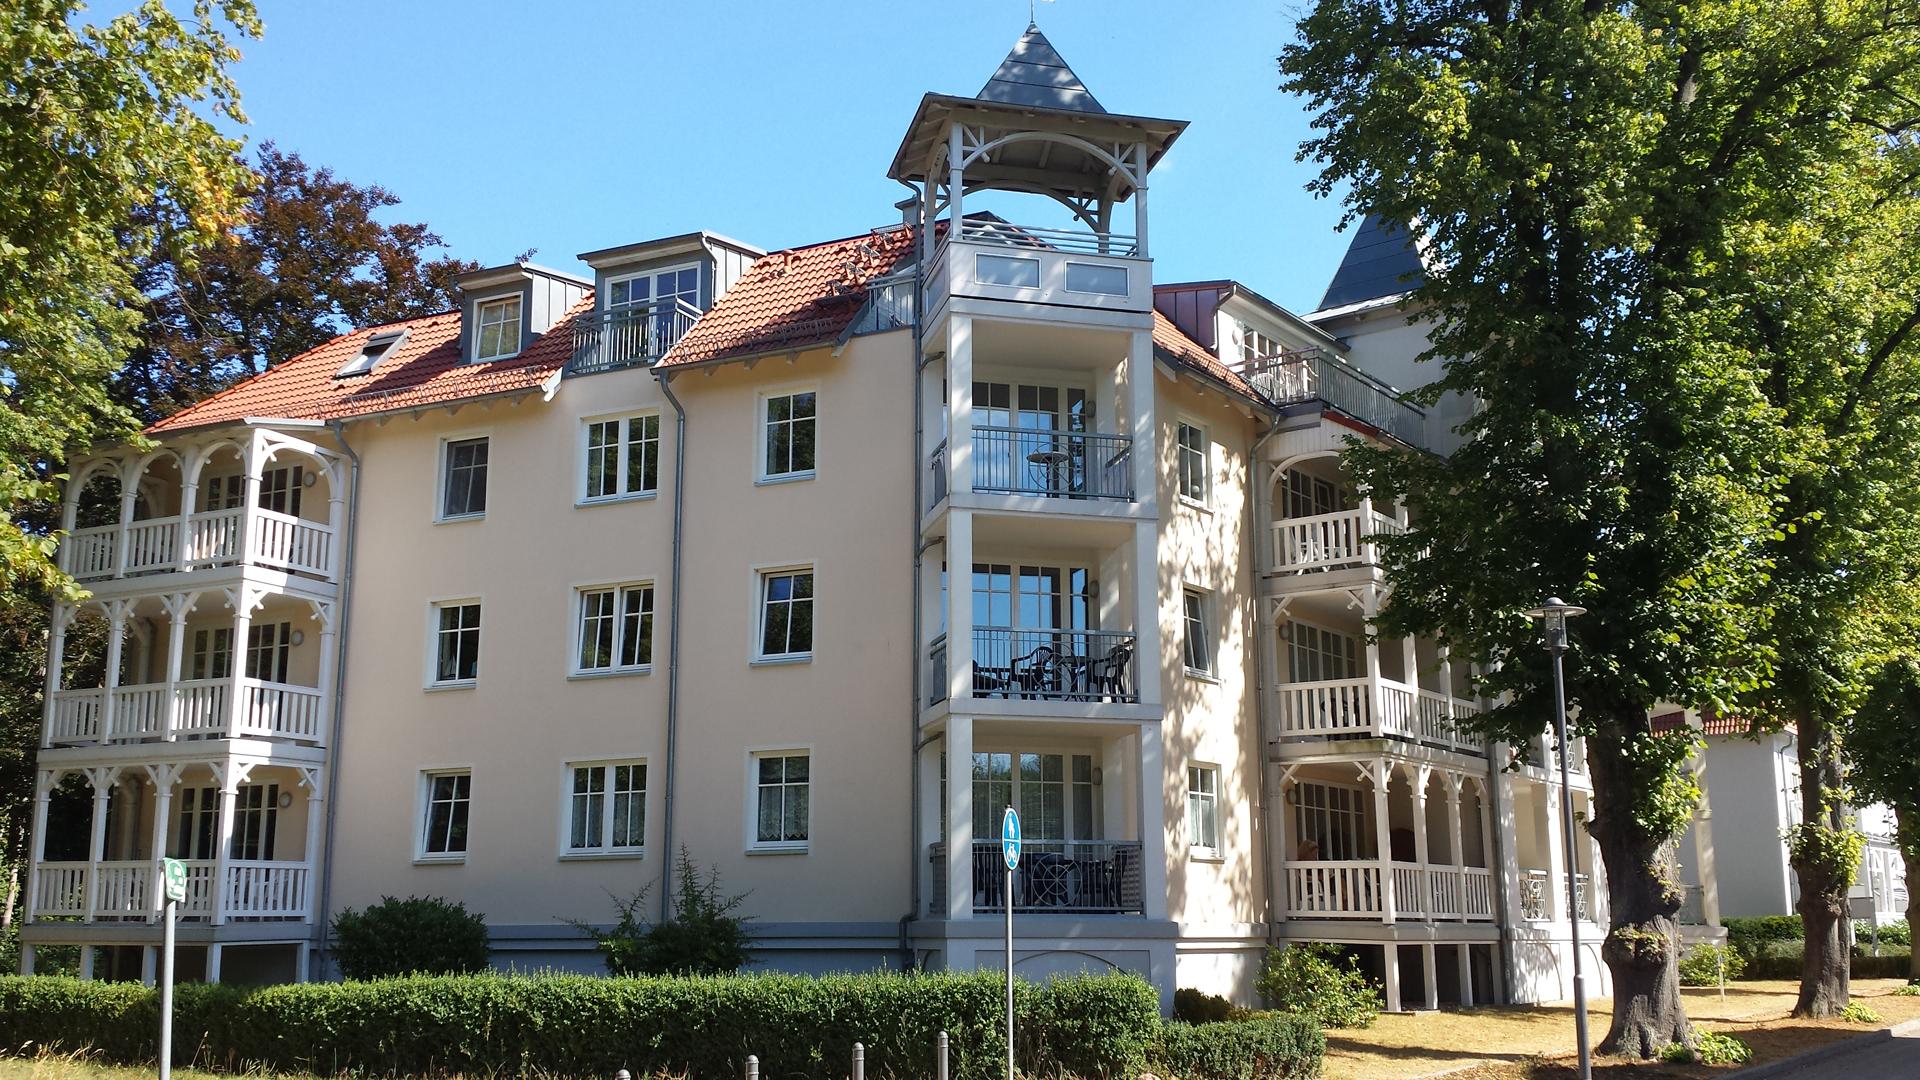 Kühlungsborn Ferienwohnung 2 Schlafzimmer | Villa Alexandra In Kuhlungsborn Objekt 13 Ostseebad Kuhlungsborn